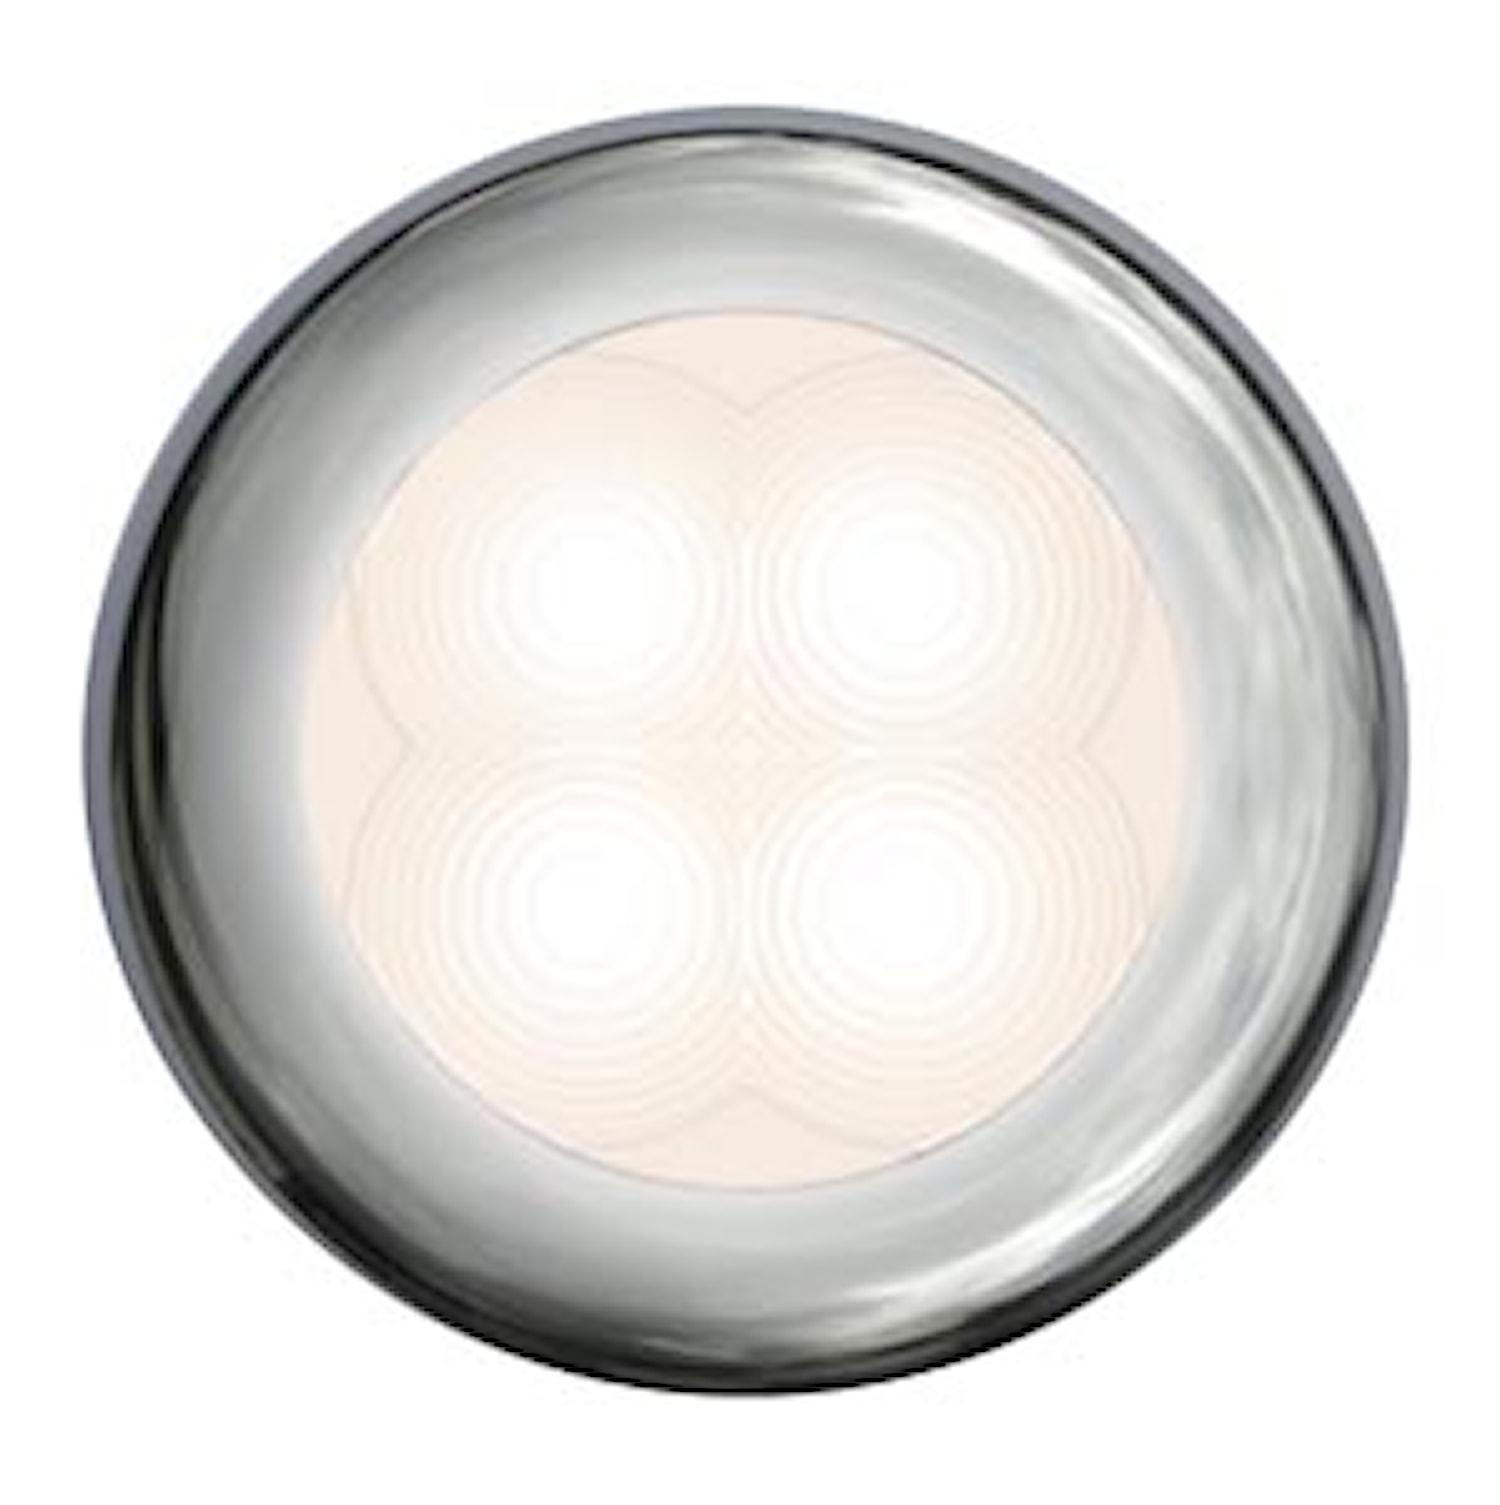 Flushbelysn 12V LED vit 75mm Ø